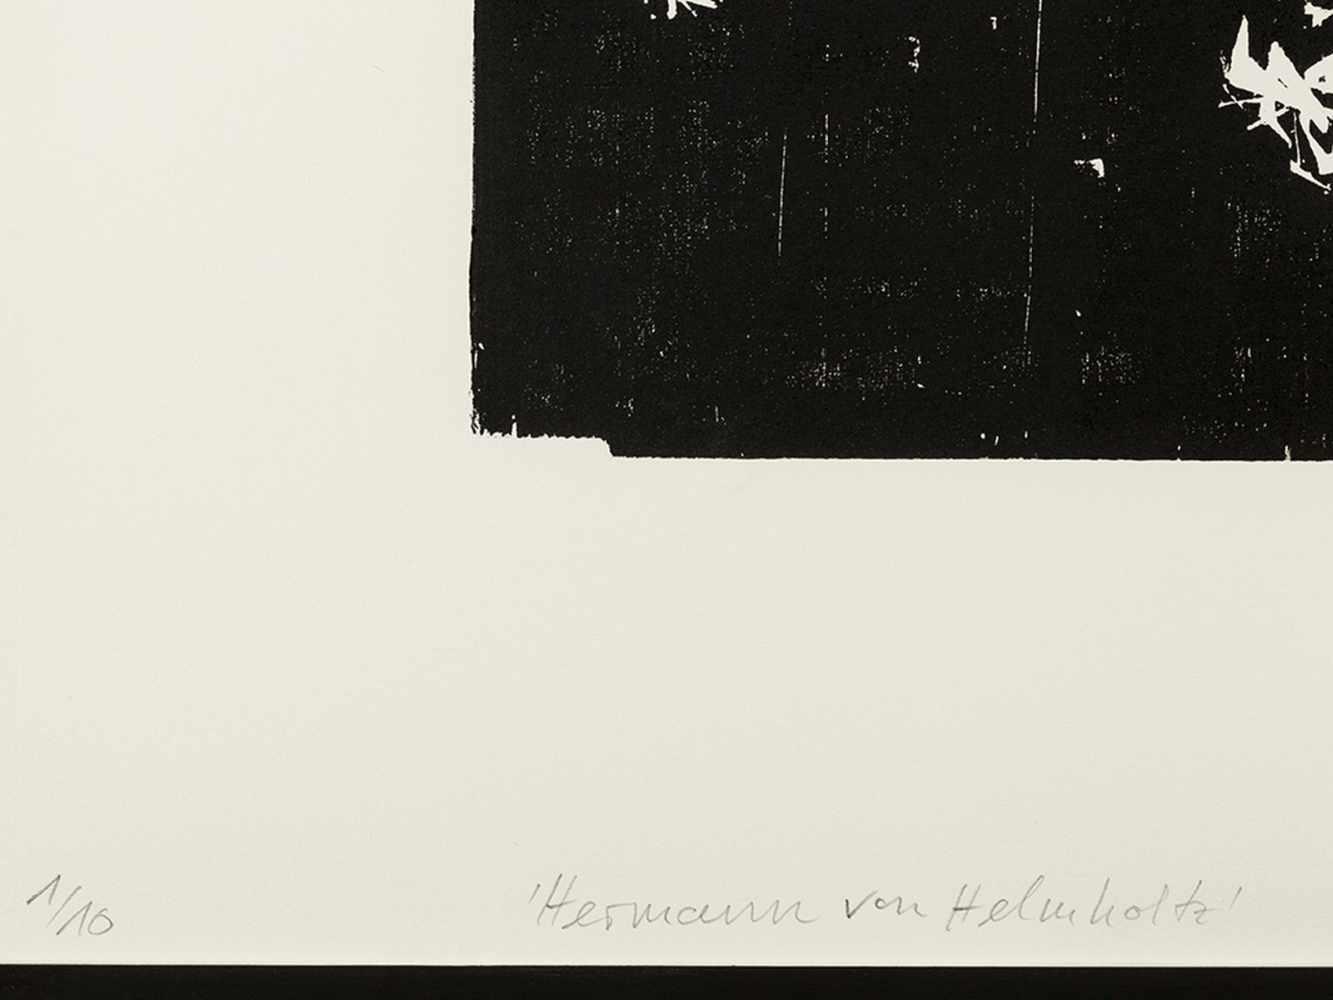 Matthias Mansen, Hermann von Helmholtz, Woodcut, 1999 - Image 4 of 9